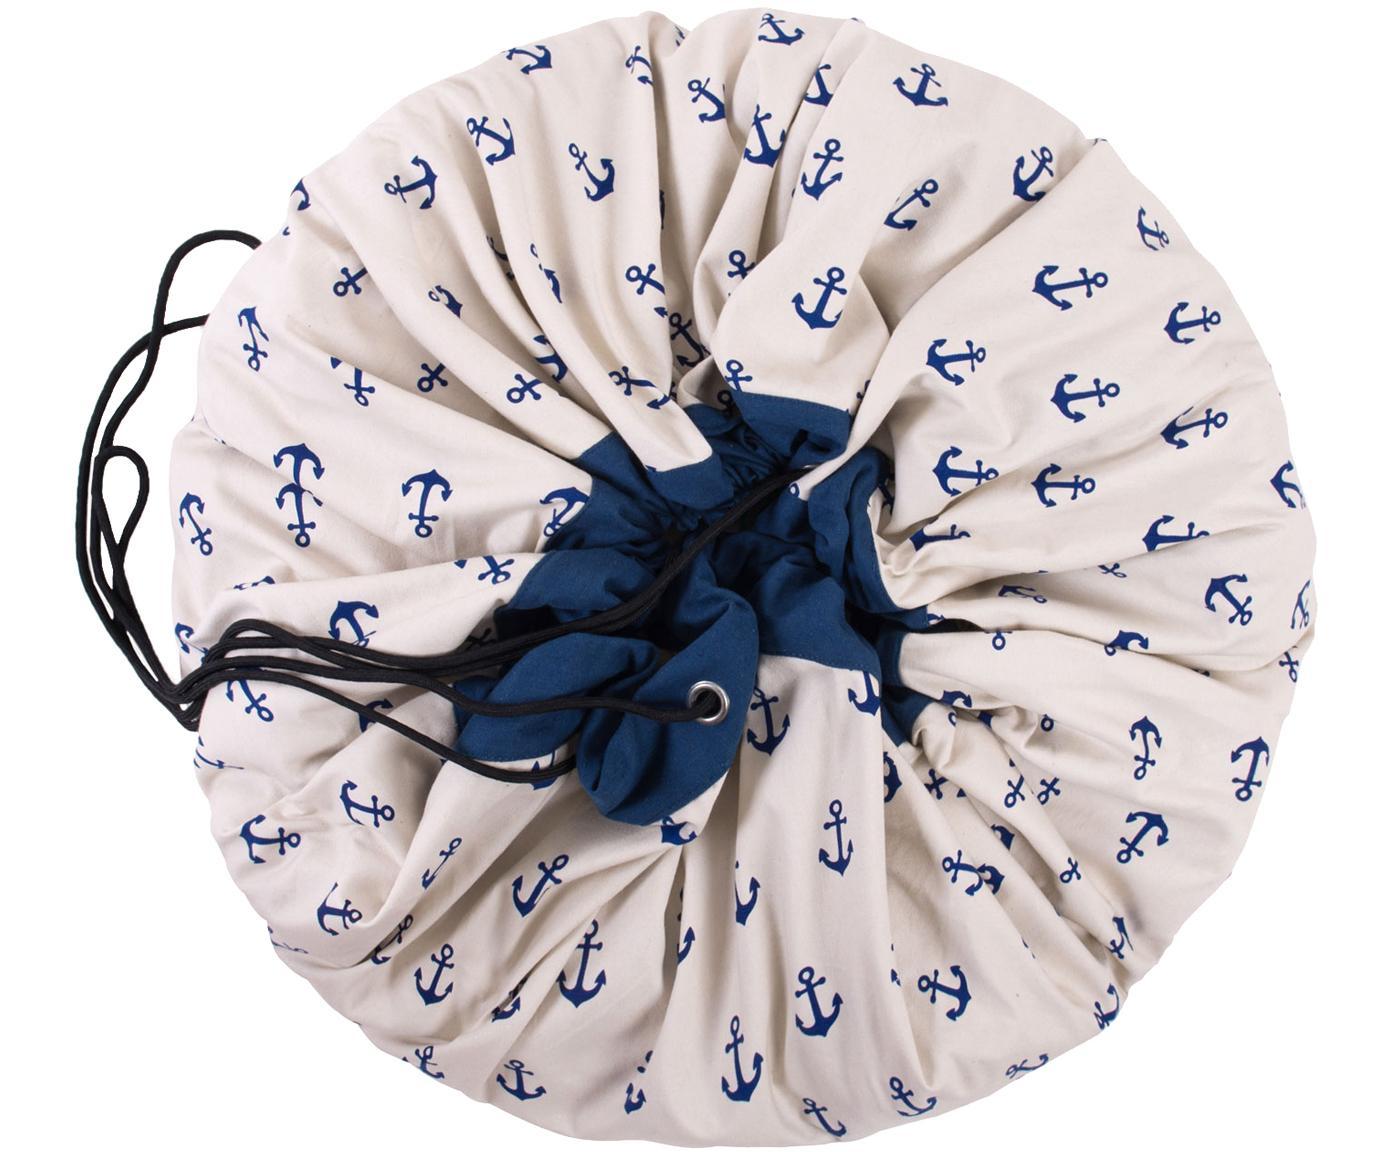 Spieldecke Anchors, Polyester, Weiß, Blau, Ø 140 cm